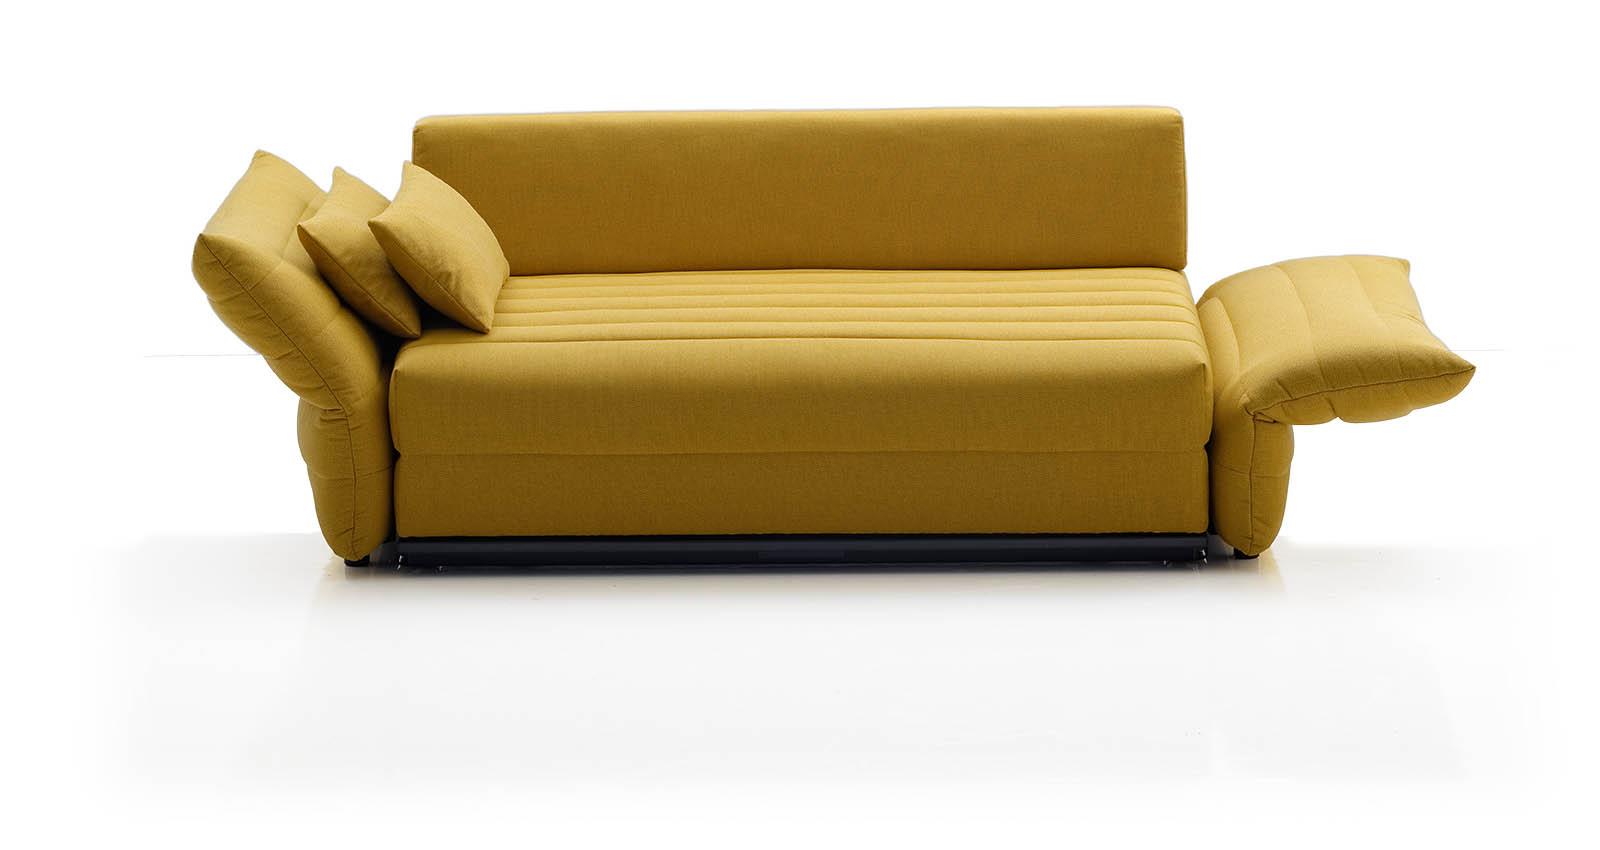 Franz Fertig Sofas zero sofa bed